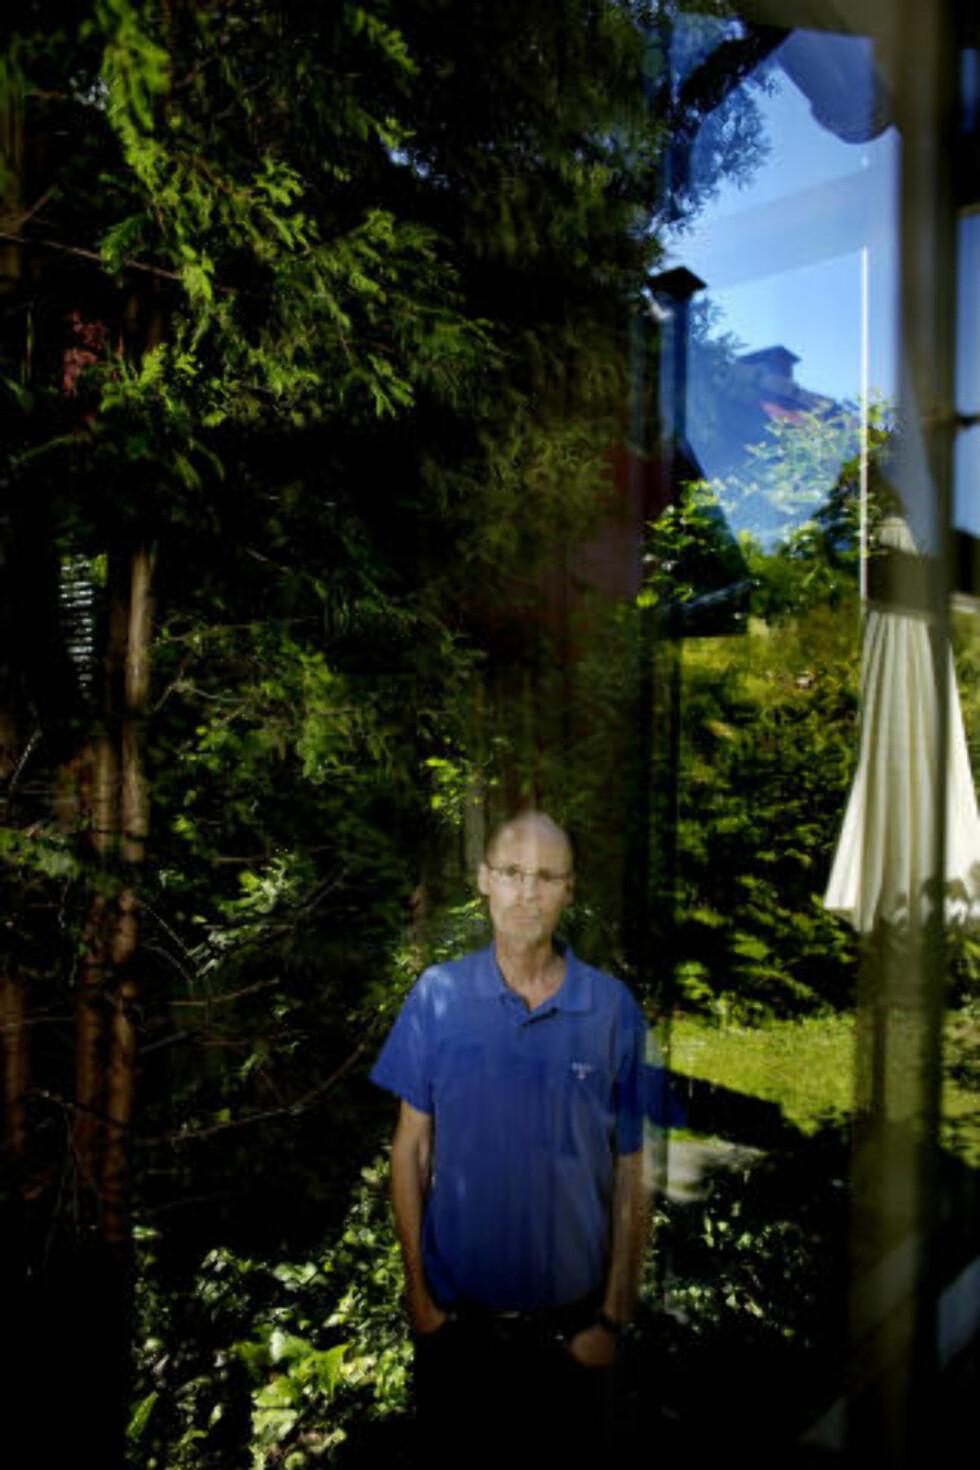 ERSTATNINGSKRAV: - Jeg vet ikke om jeg er her til høsten. Mitt tilfelle har bevist at man kan få kreft av å jobbe der, sier den gifte tobarnsfaren. Professoren krever at det blir gjort noe med arbeidsforholdene og at hans sak blir gjort kjent slik at ikke kollegaer skal lide samme skjebne. Han har også kommet med et oppreisningskrav til UiO. Foto: Torbjørn Grønning